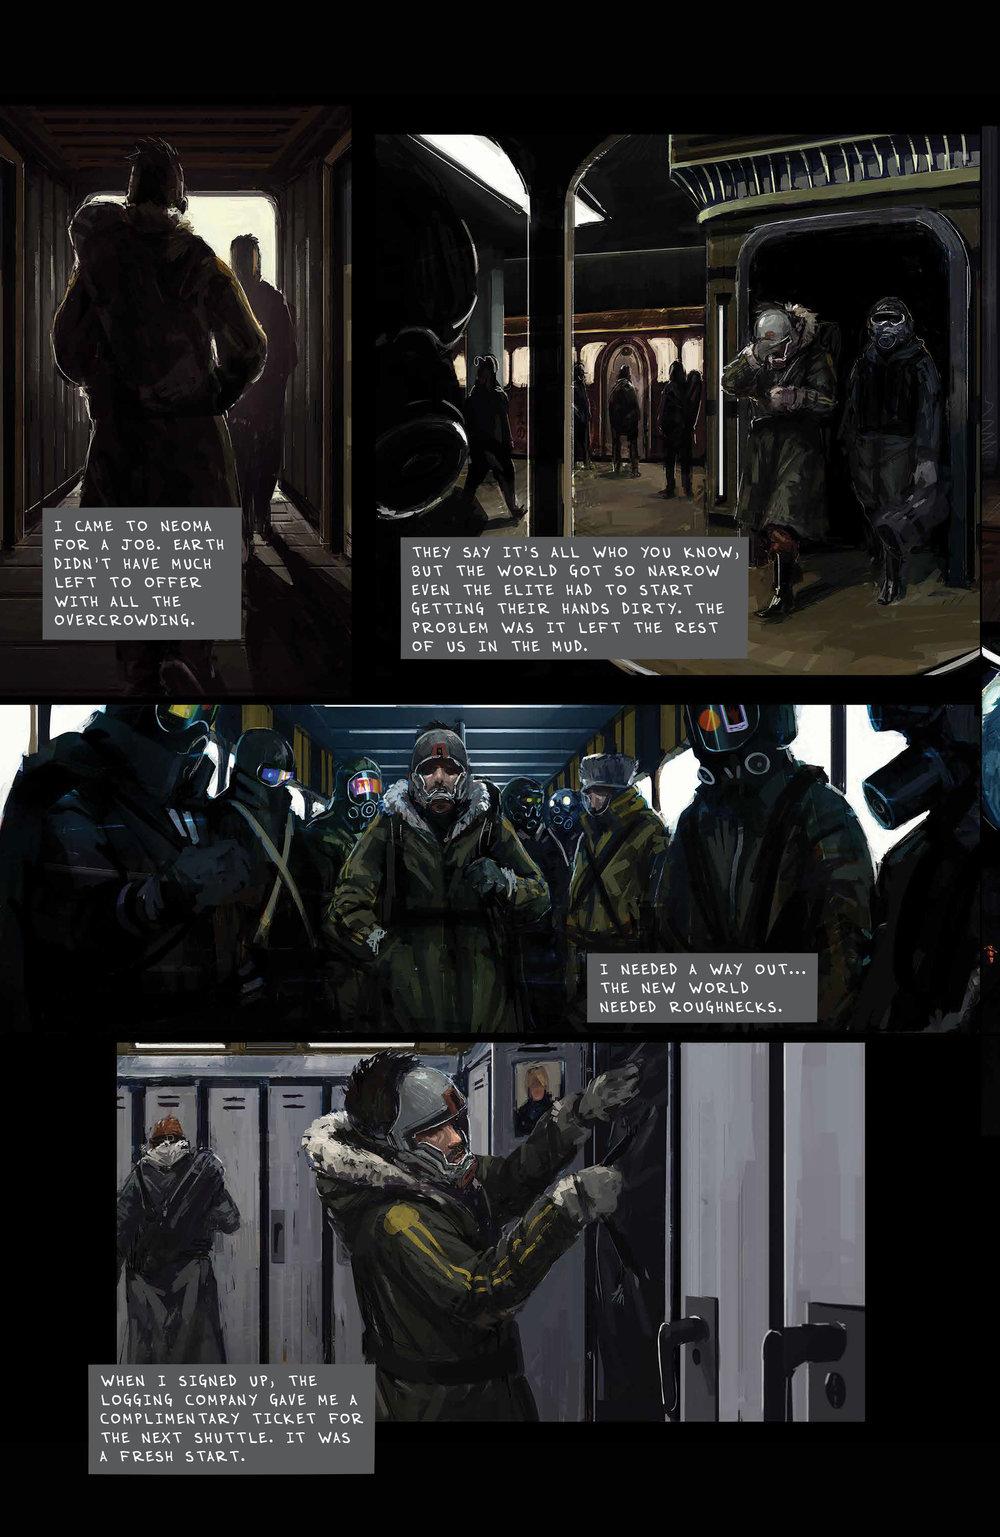 neoma-page02.jpg